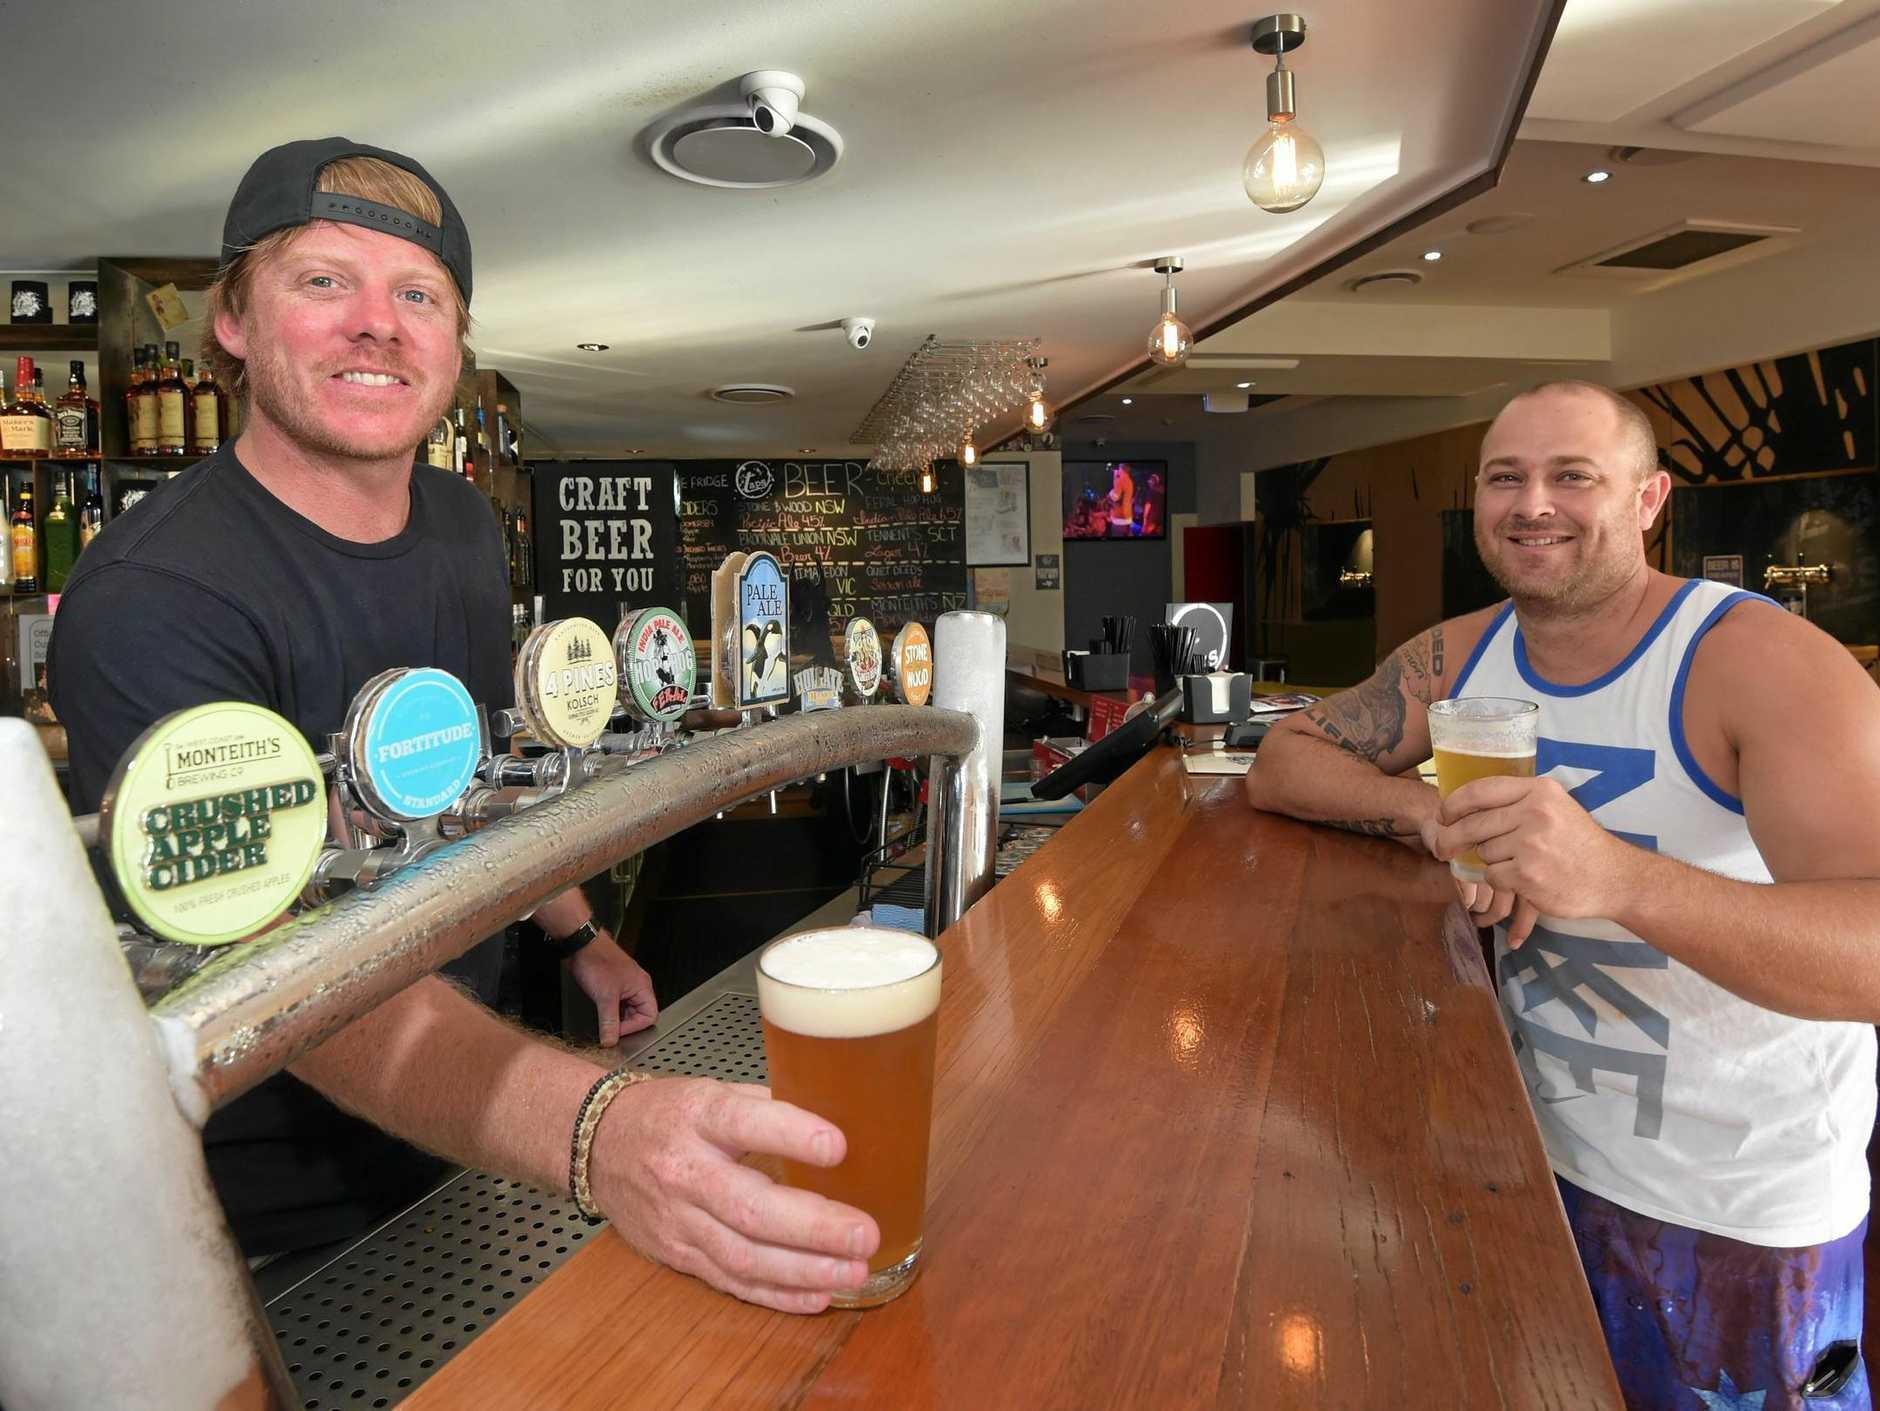 Owner of Taps Mooloolaba, Steve Barber, serves up a craft beer to Daniel Bennett.